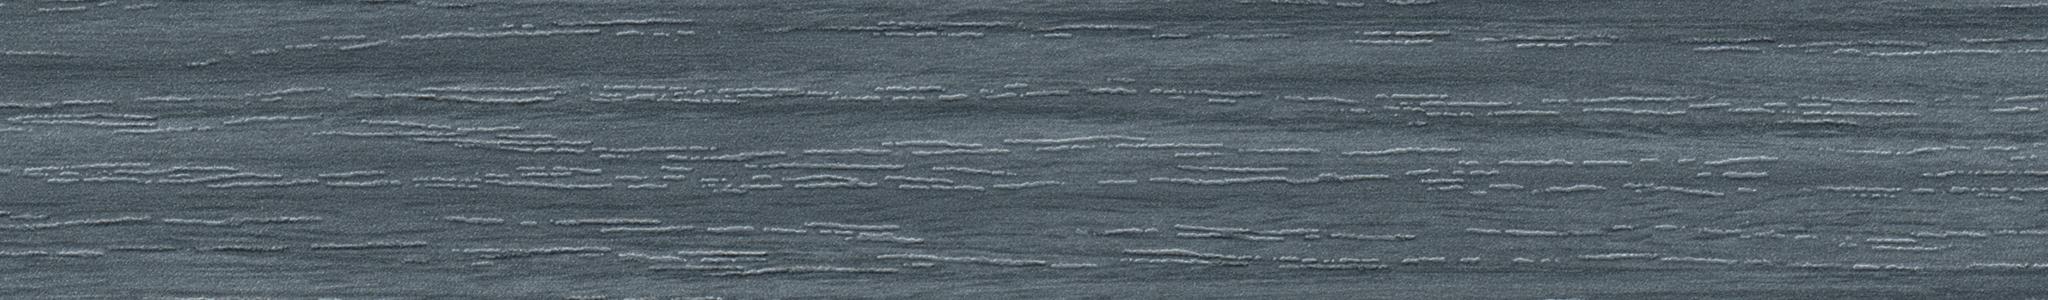 HD 296319 ABS Edge Supreme Black Pore